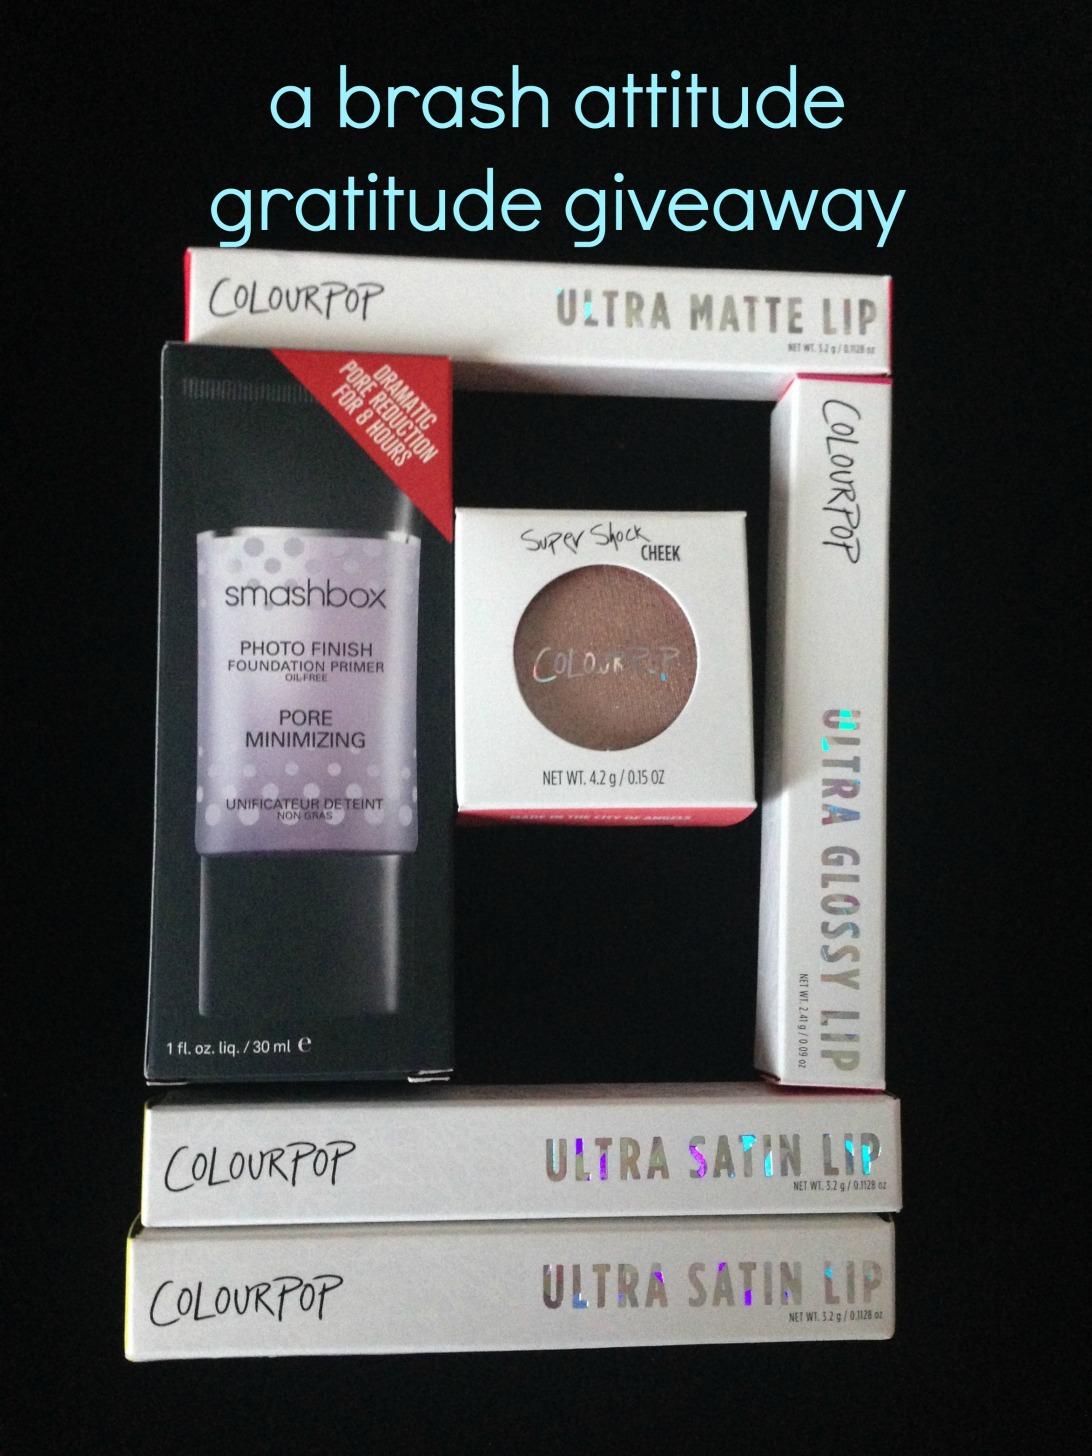 abrashattitude gratitude giveaway